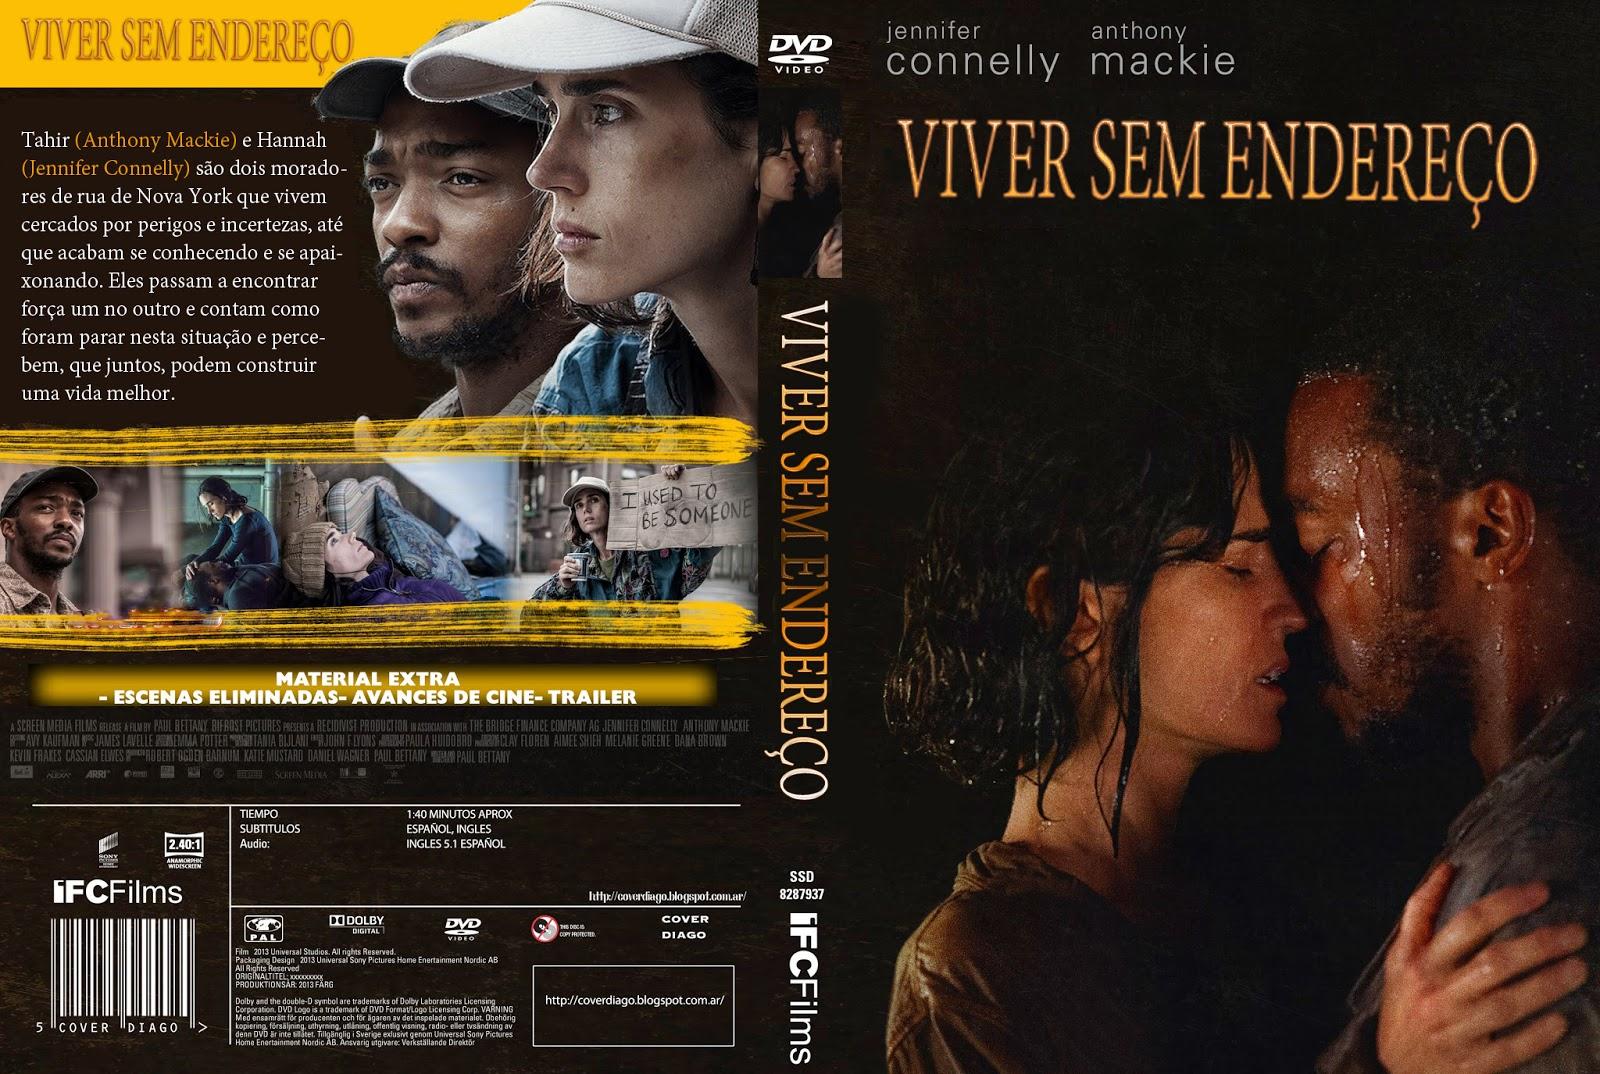 Download Viver Sem Endereço DVDRip XviD Dublado Viver 2BSem 2BEndere 25C3 25A7o